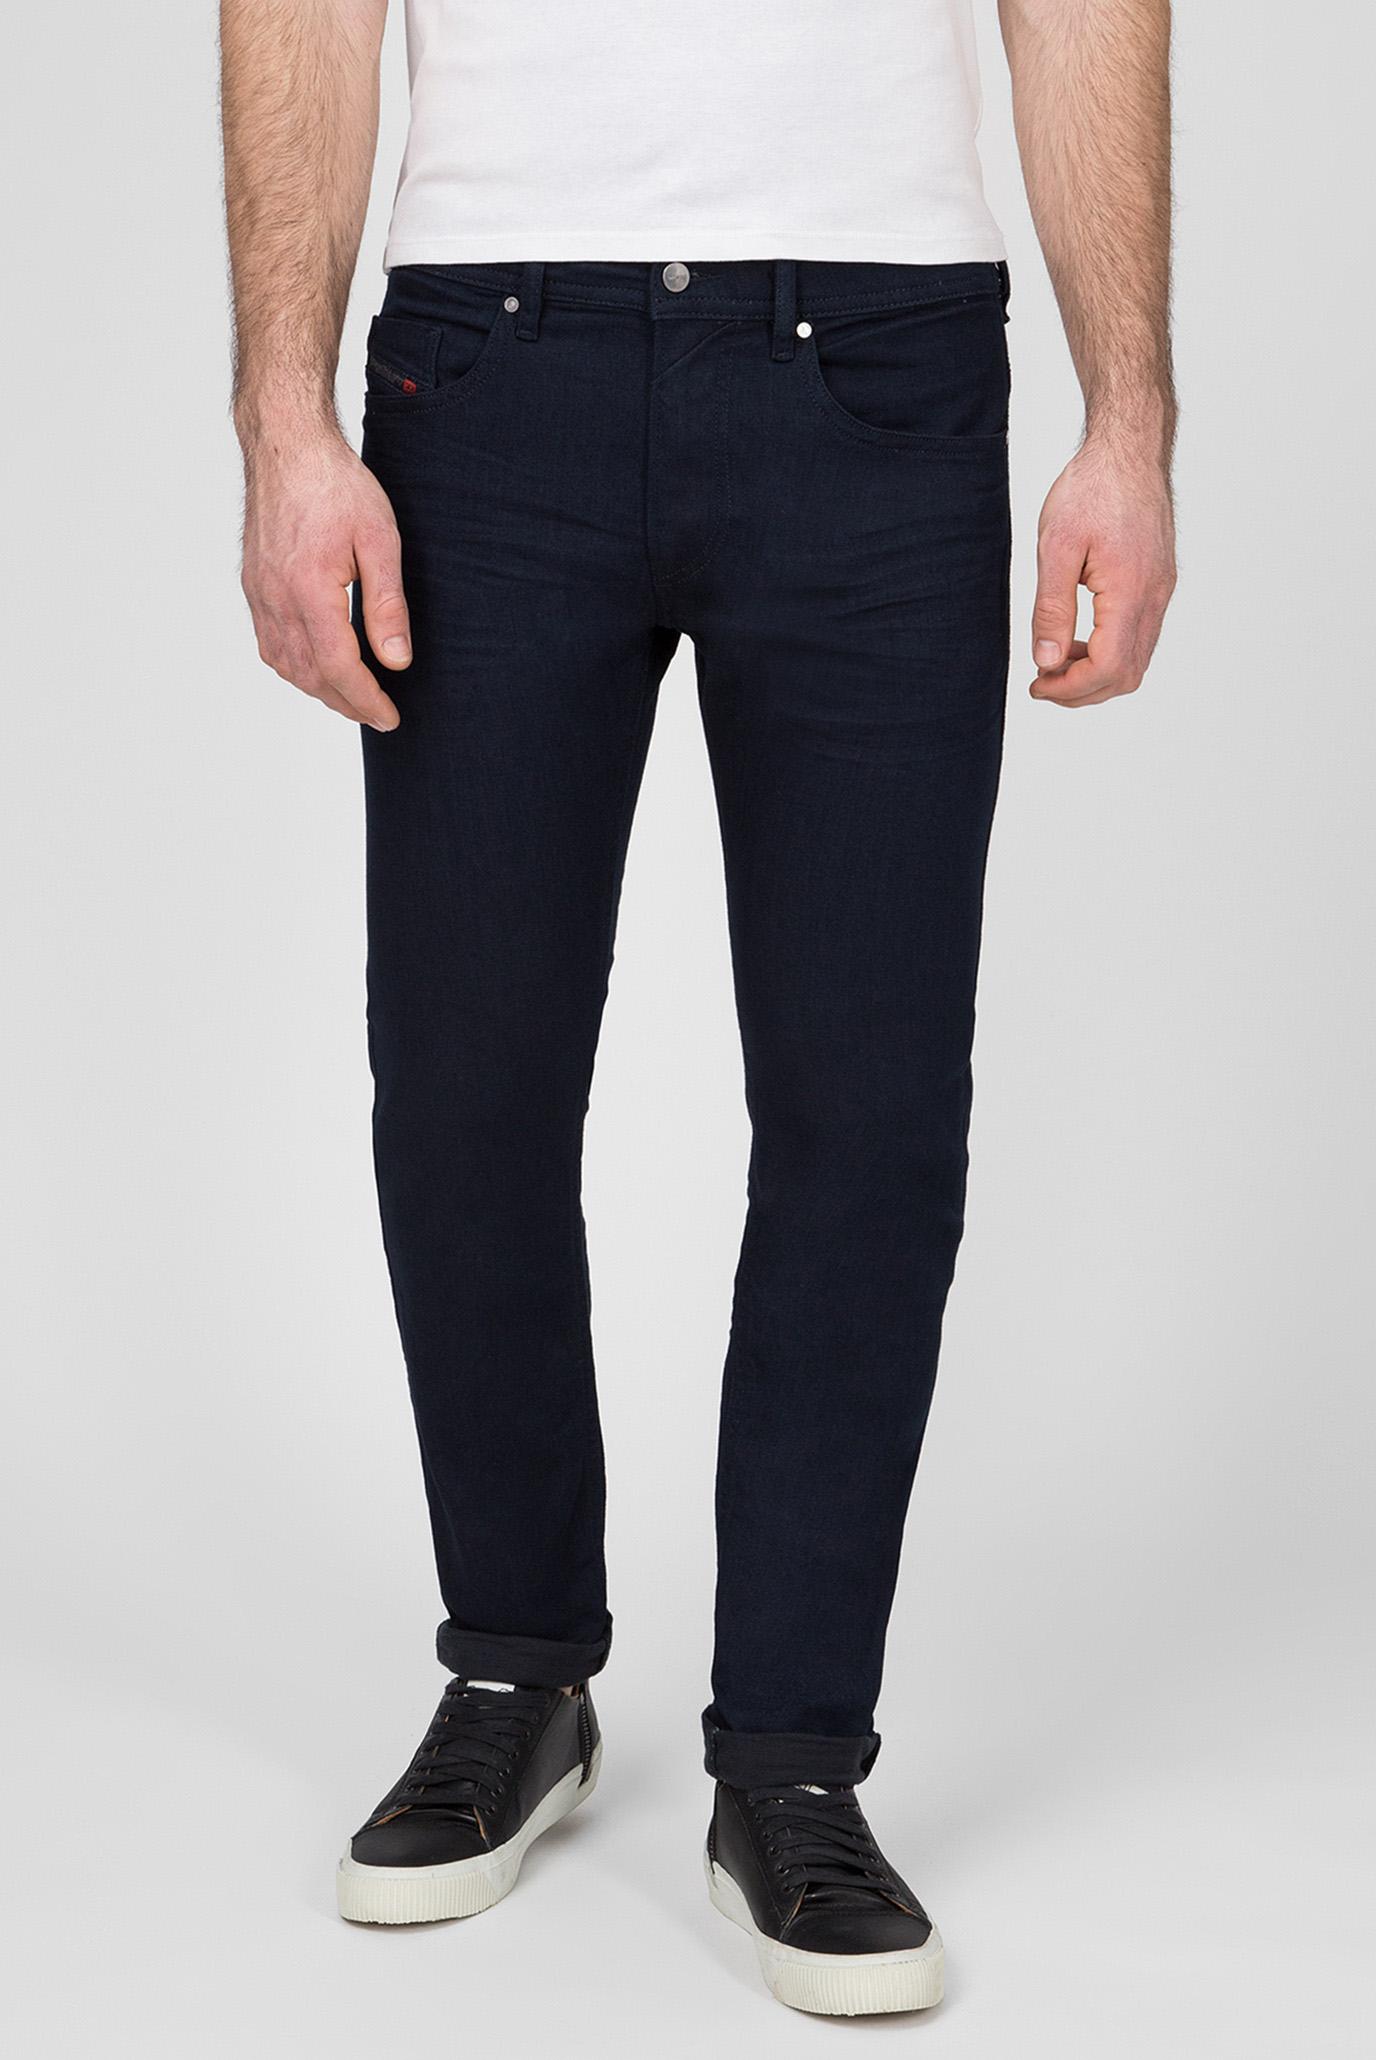 Купить Мужские темно-синие джинсы THOMMER Diesel Diesel 00SW1Q 085AQ – Киев, Украина. Цены в интернет магазине MD Fashion